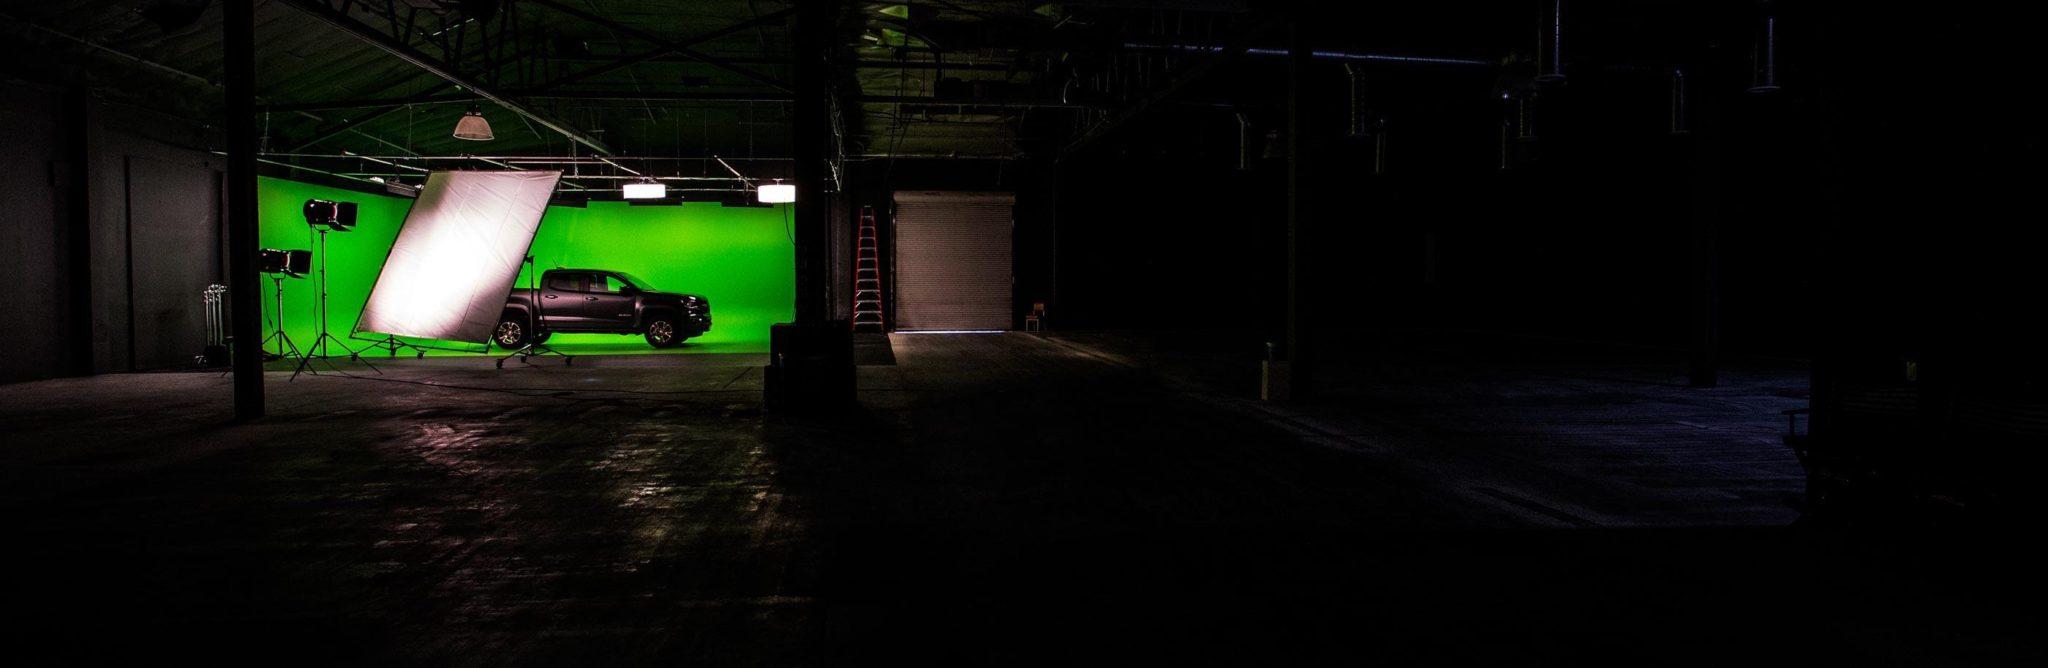 green-screen-creative-space-los-angeles - Police Set LA